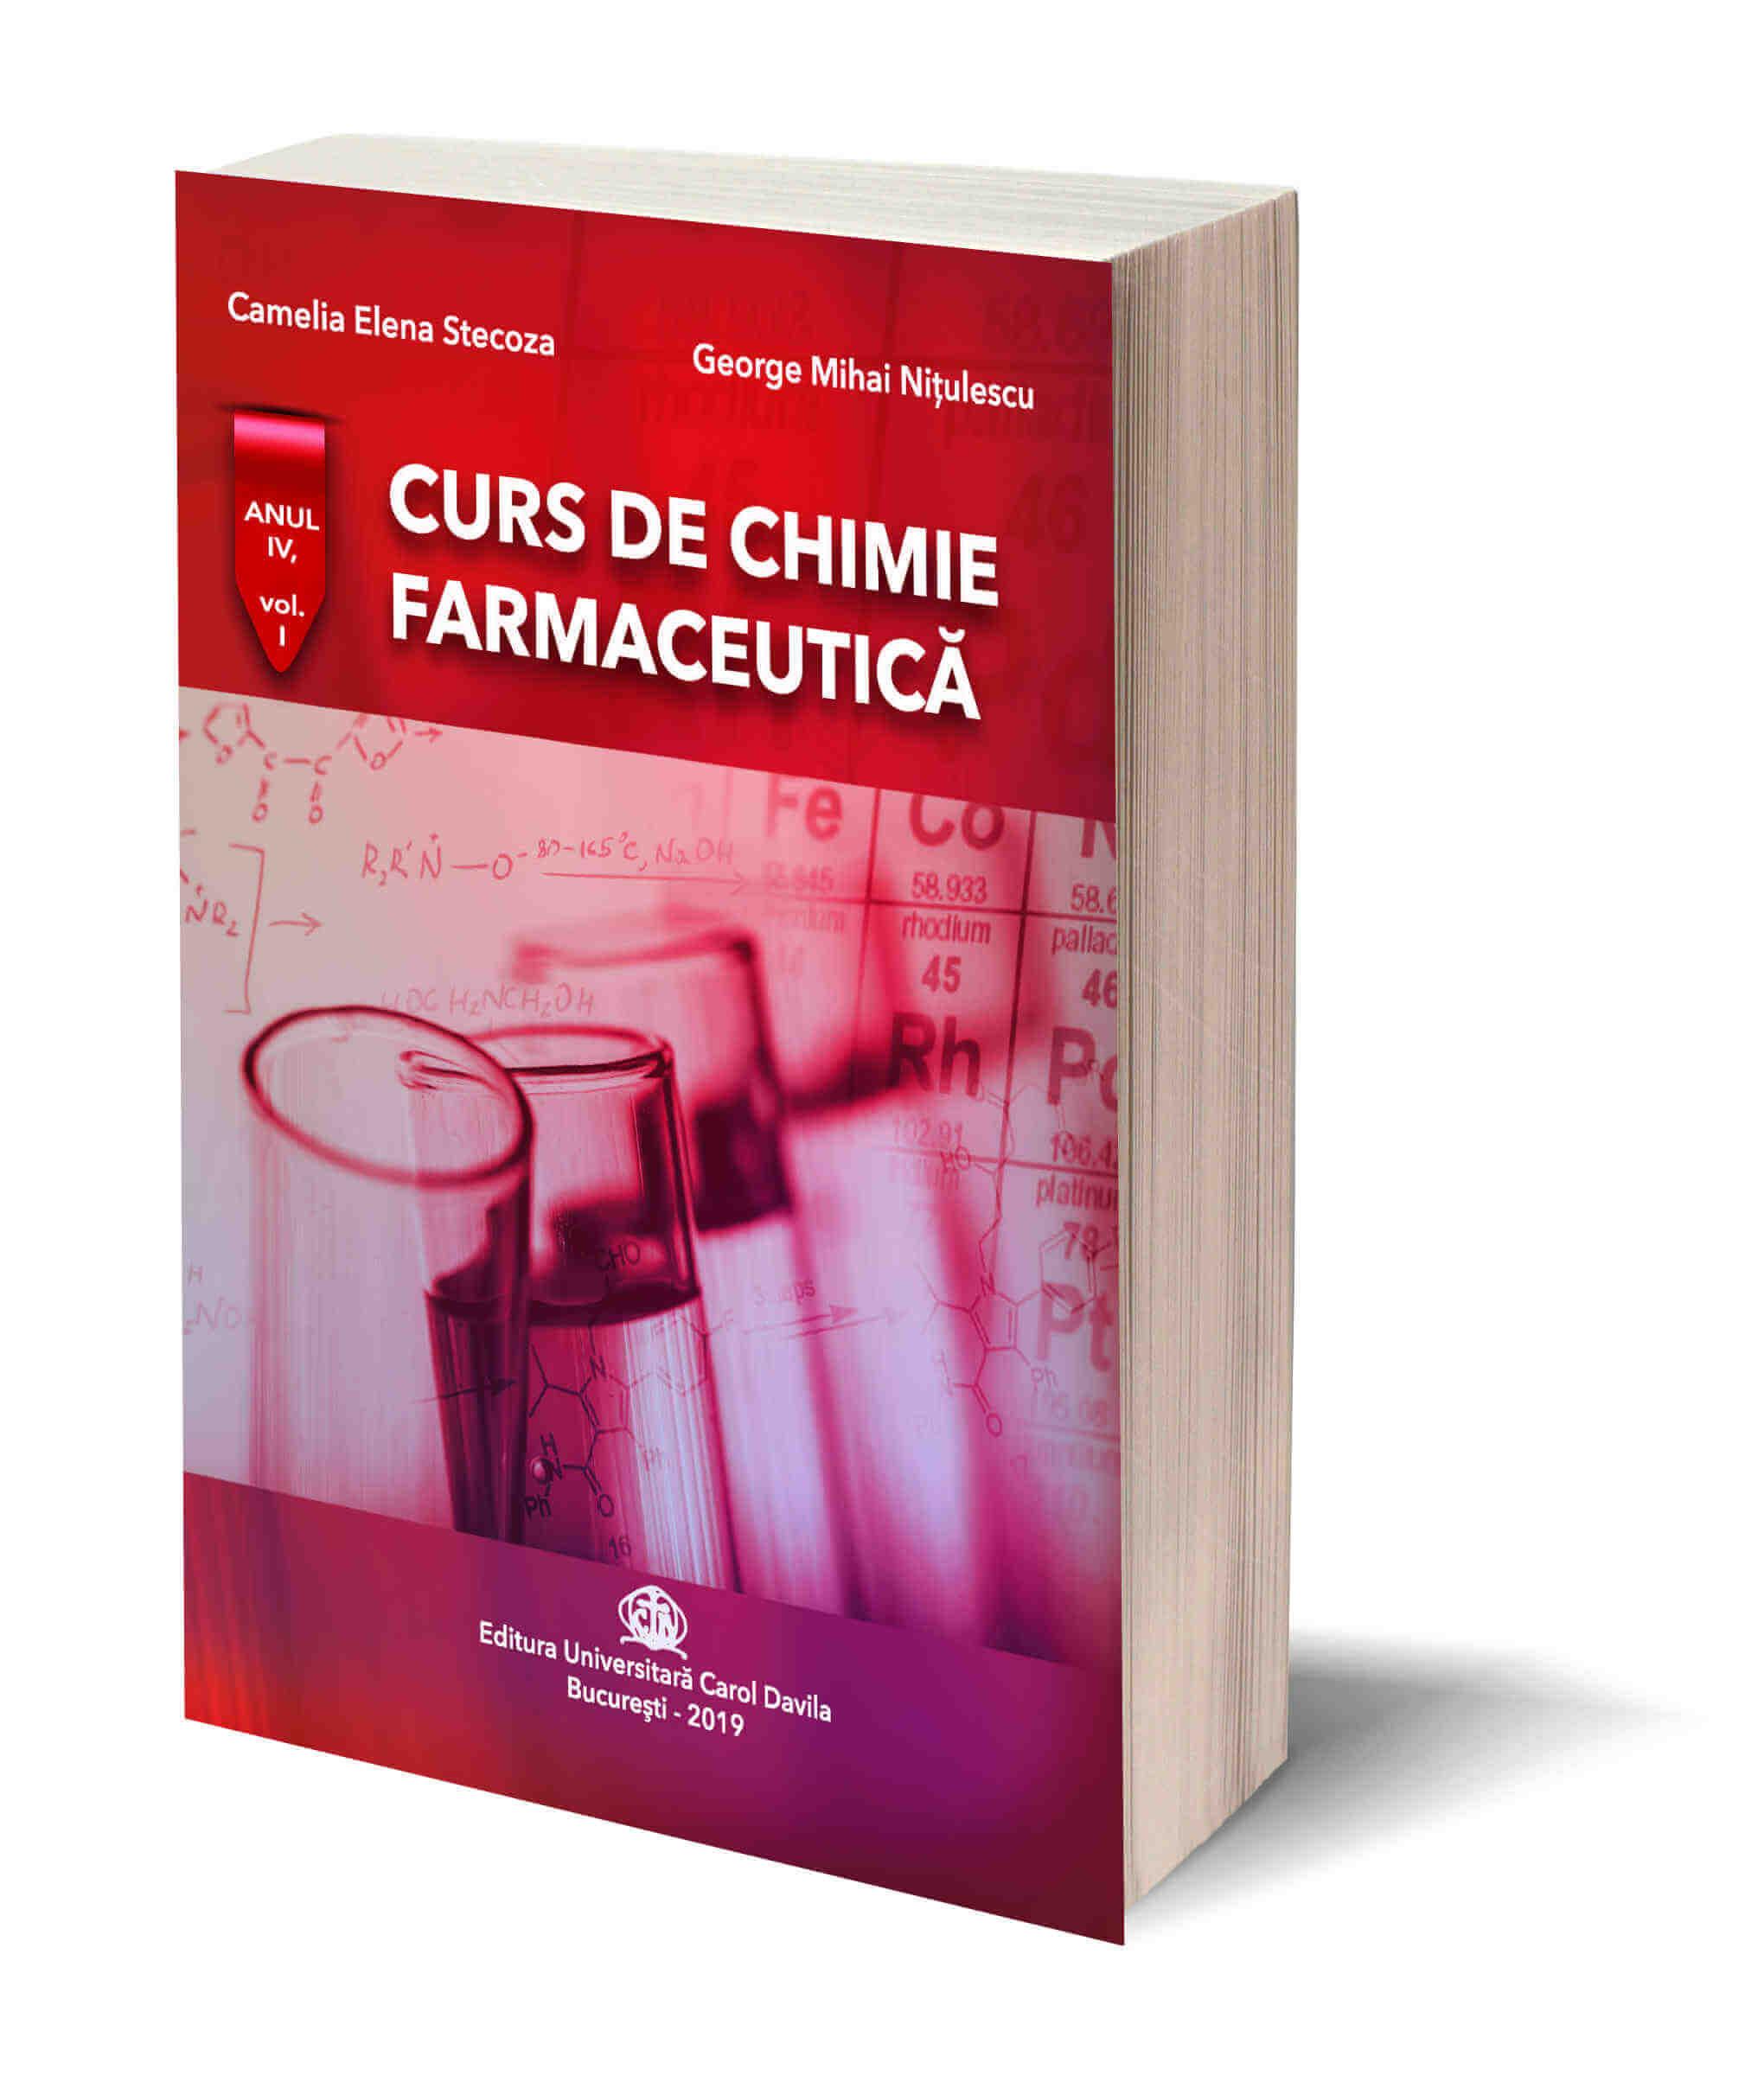 Curs de chimie farmaceutica